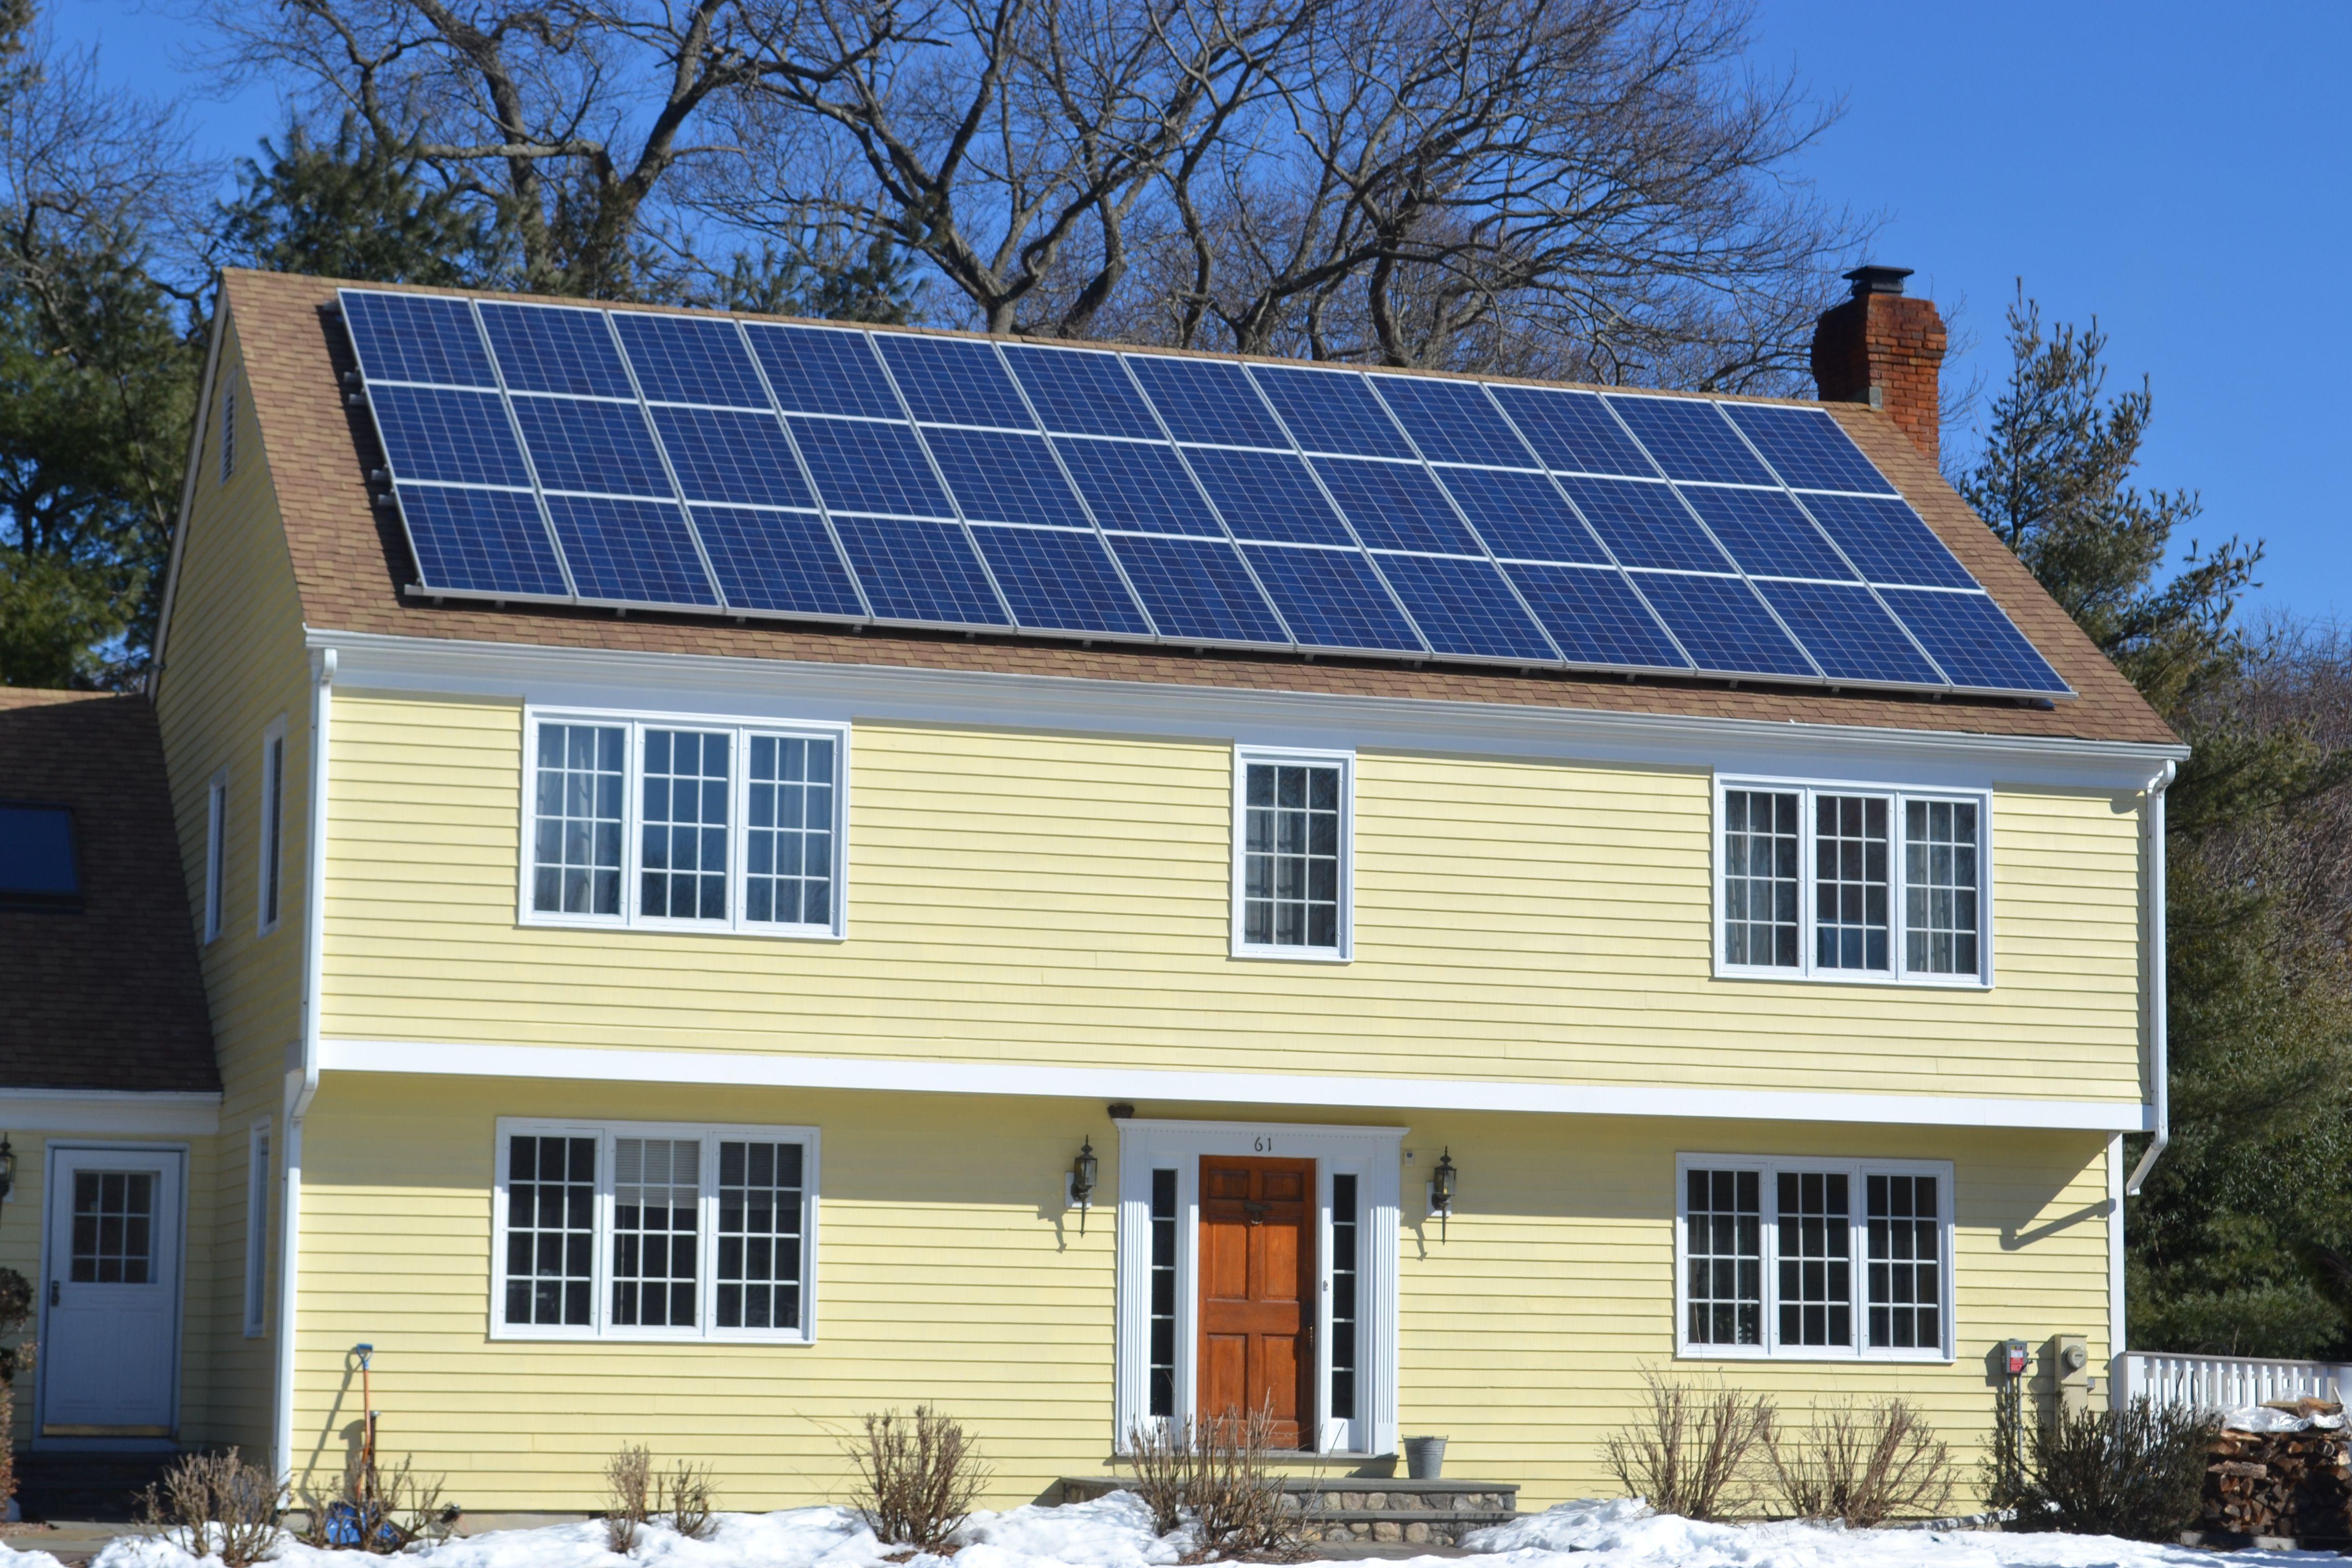 Westport, CT Roof solar panel, Outdoor decor